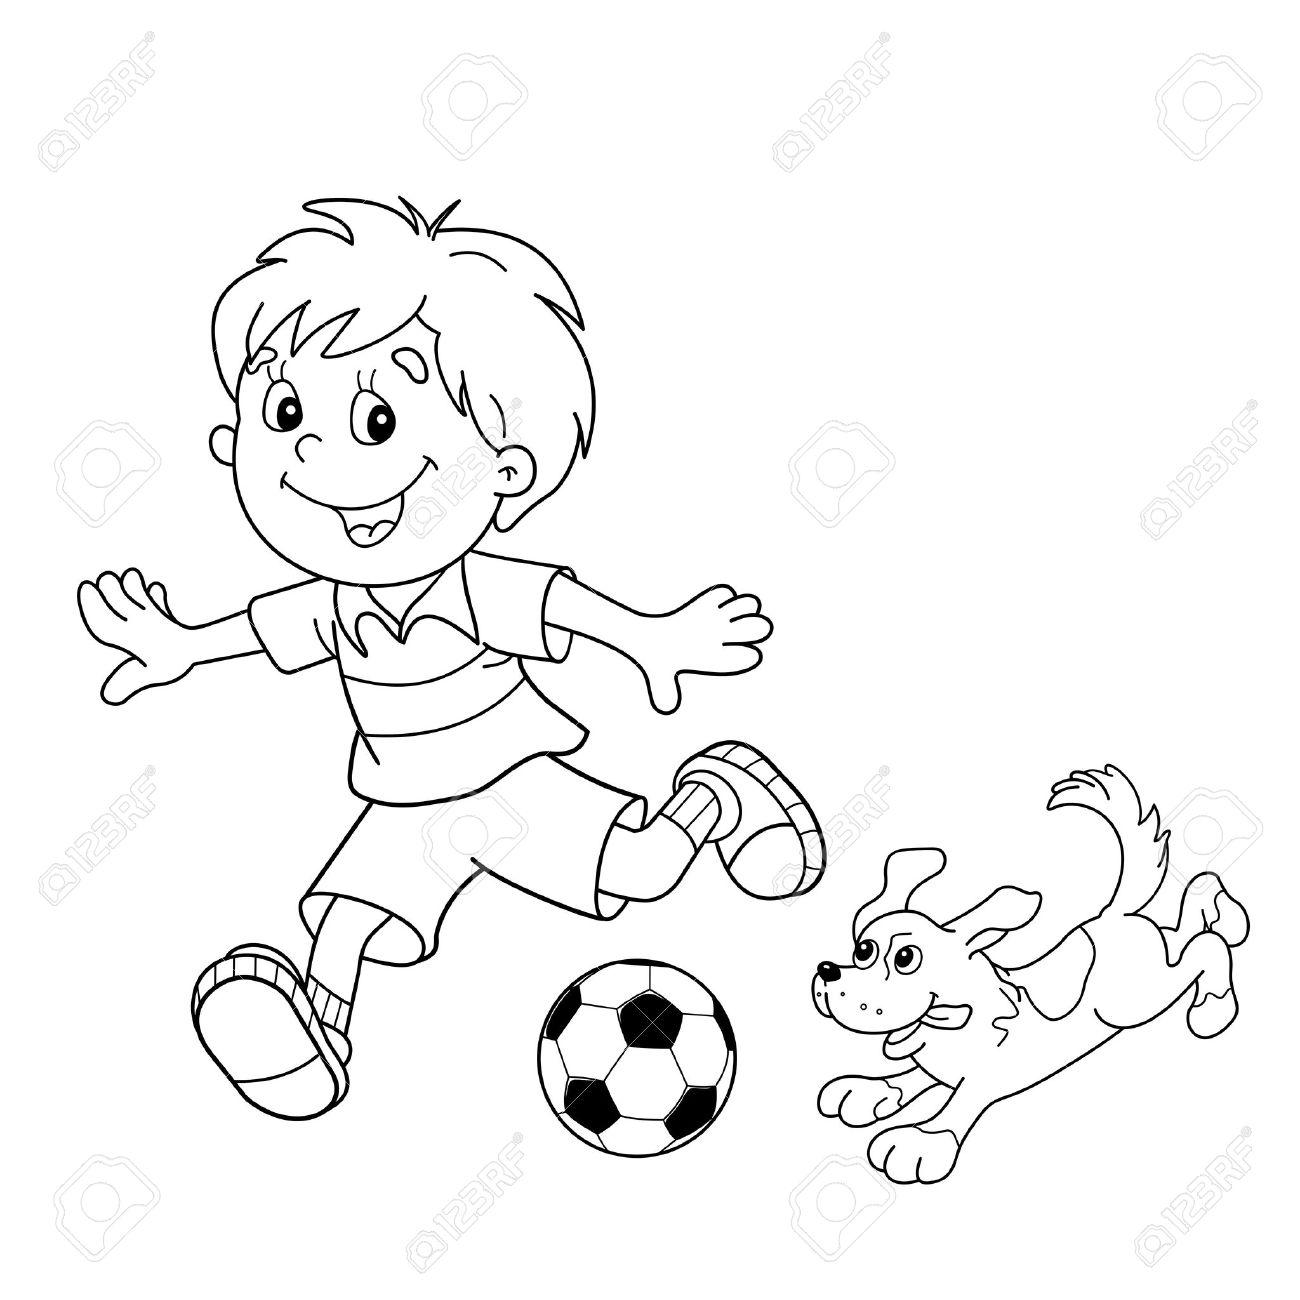 Groß Malbuch Fußball Galerie - Malvorlagen Von Tieren - ngadi.info